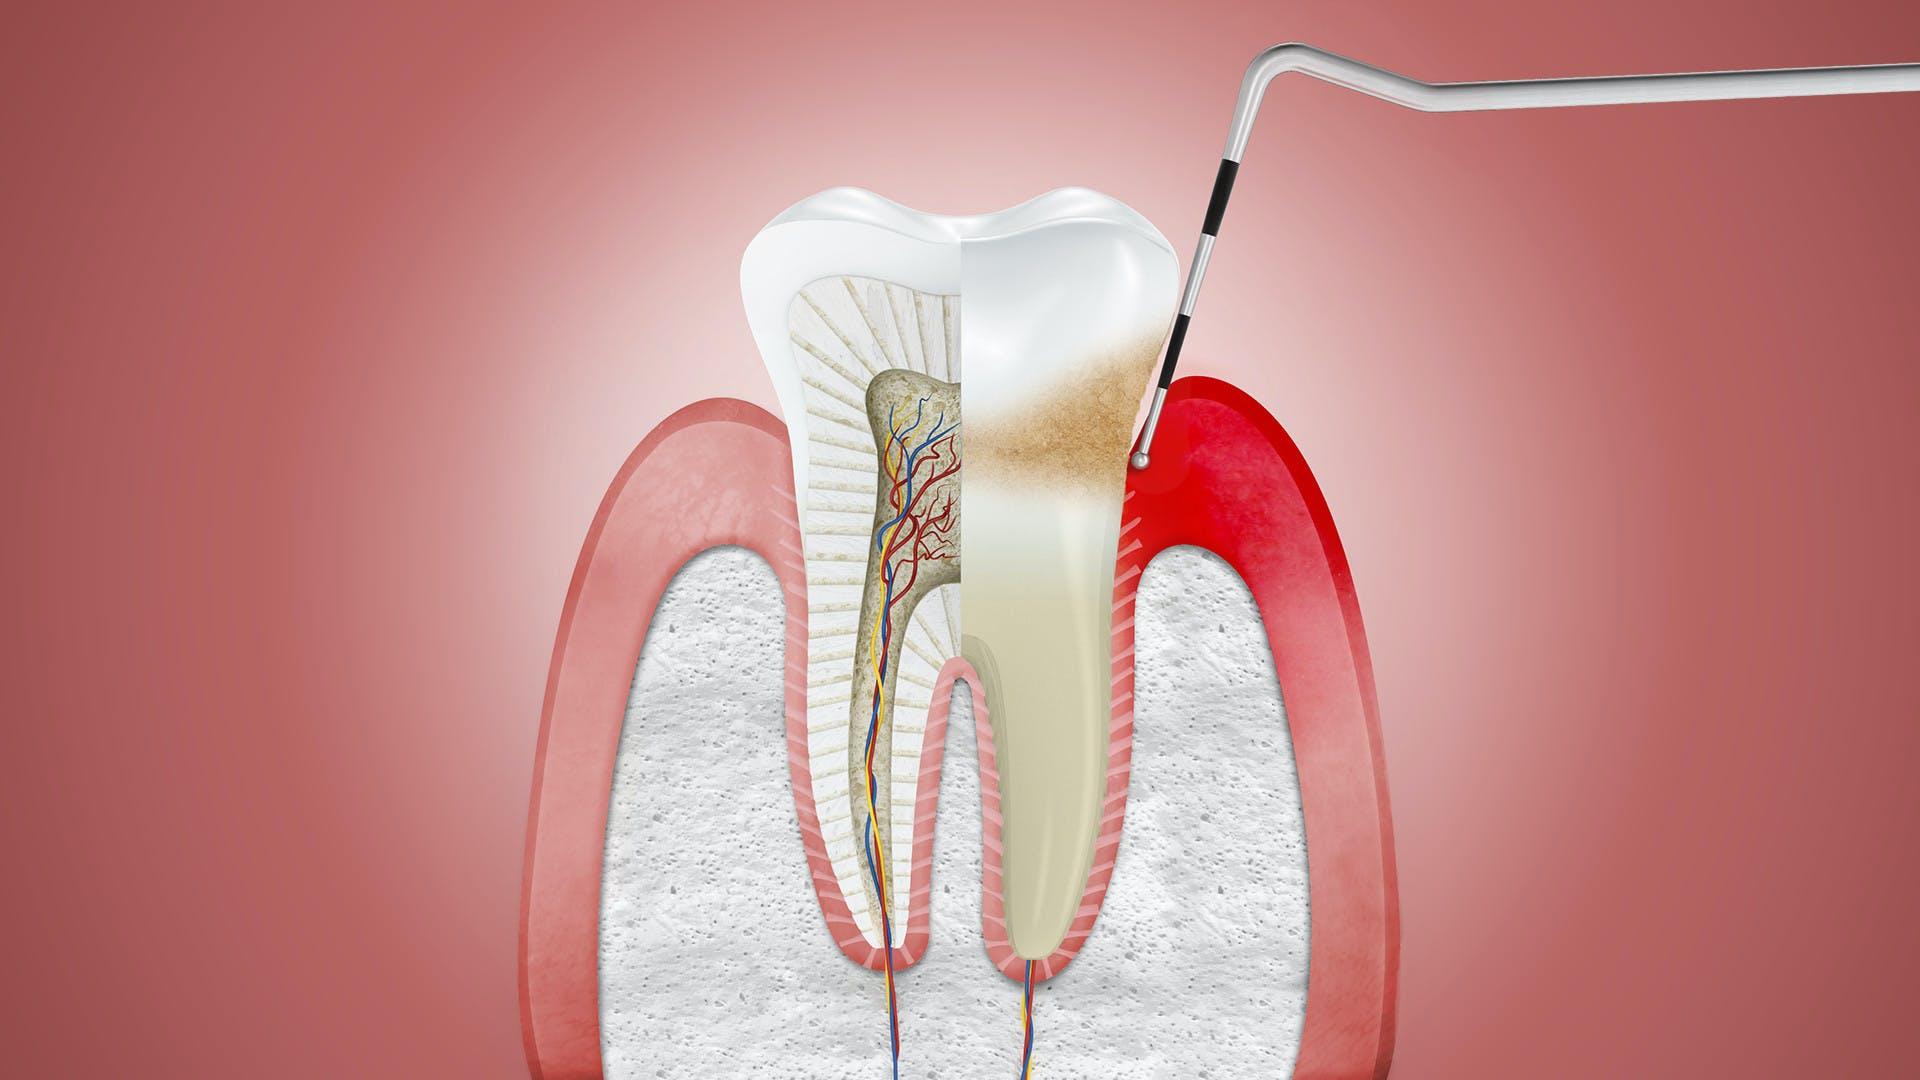 Ilustrace zobrazující dáseň zasaženou zánětem a ošetřovanou dentálním nástrojem